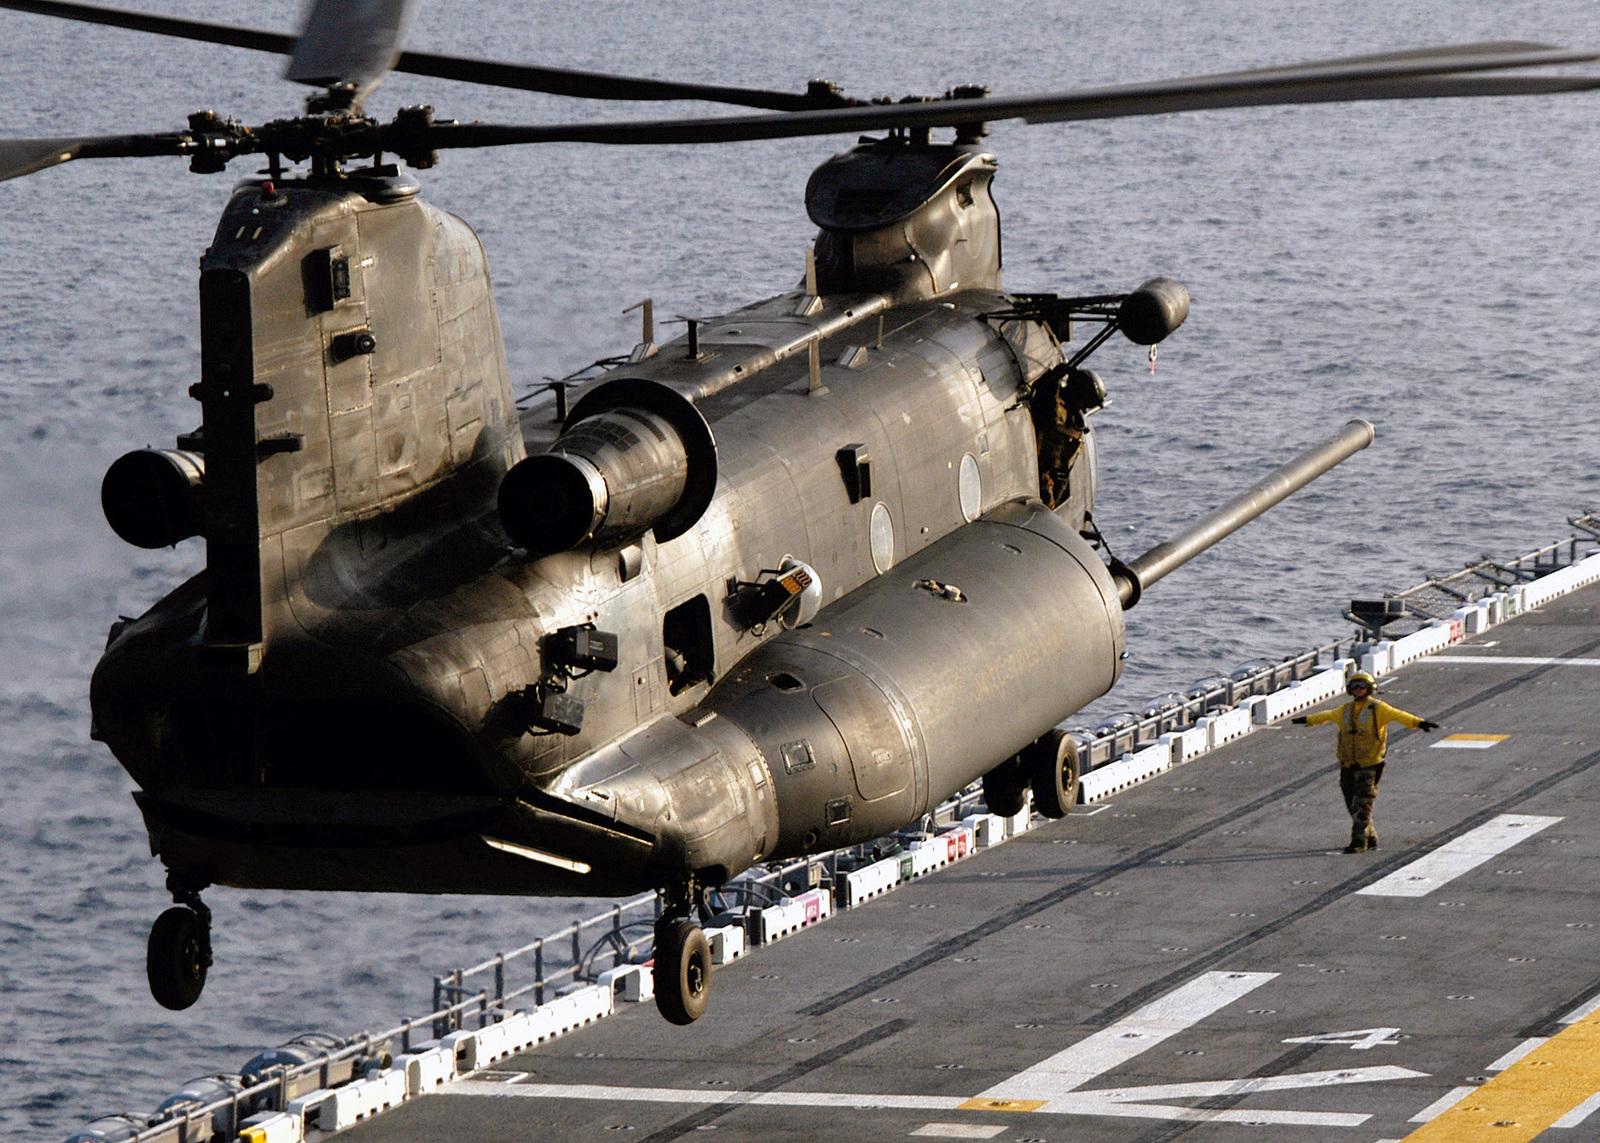 Next Generation Rotorcraft Capability. Ecco il nuovo elicottero della NATO - Geopolitica.info